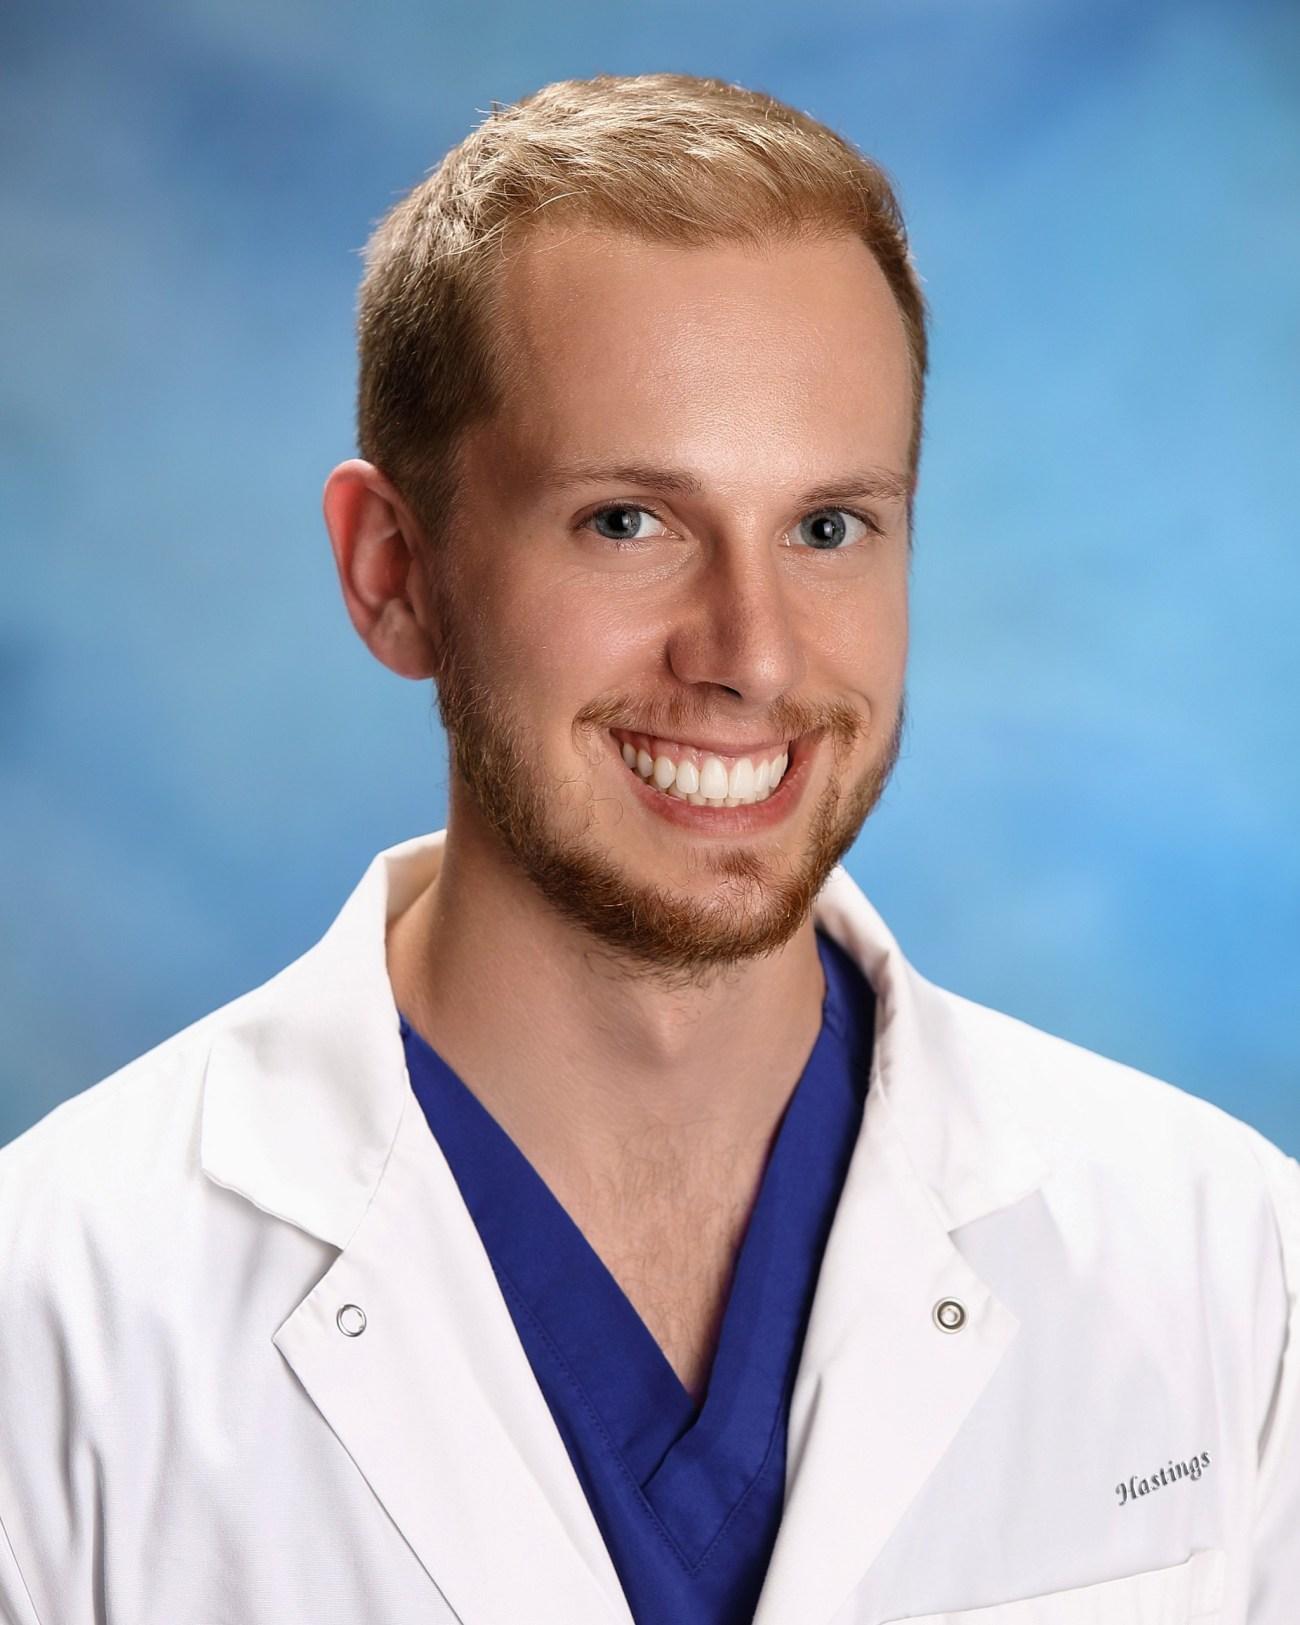 Dr. Tanner Lorenz, DDS